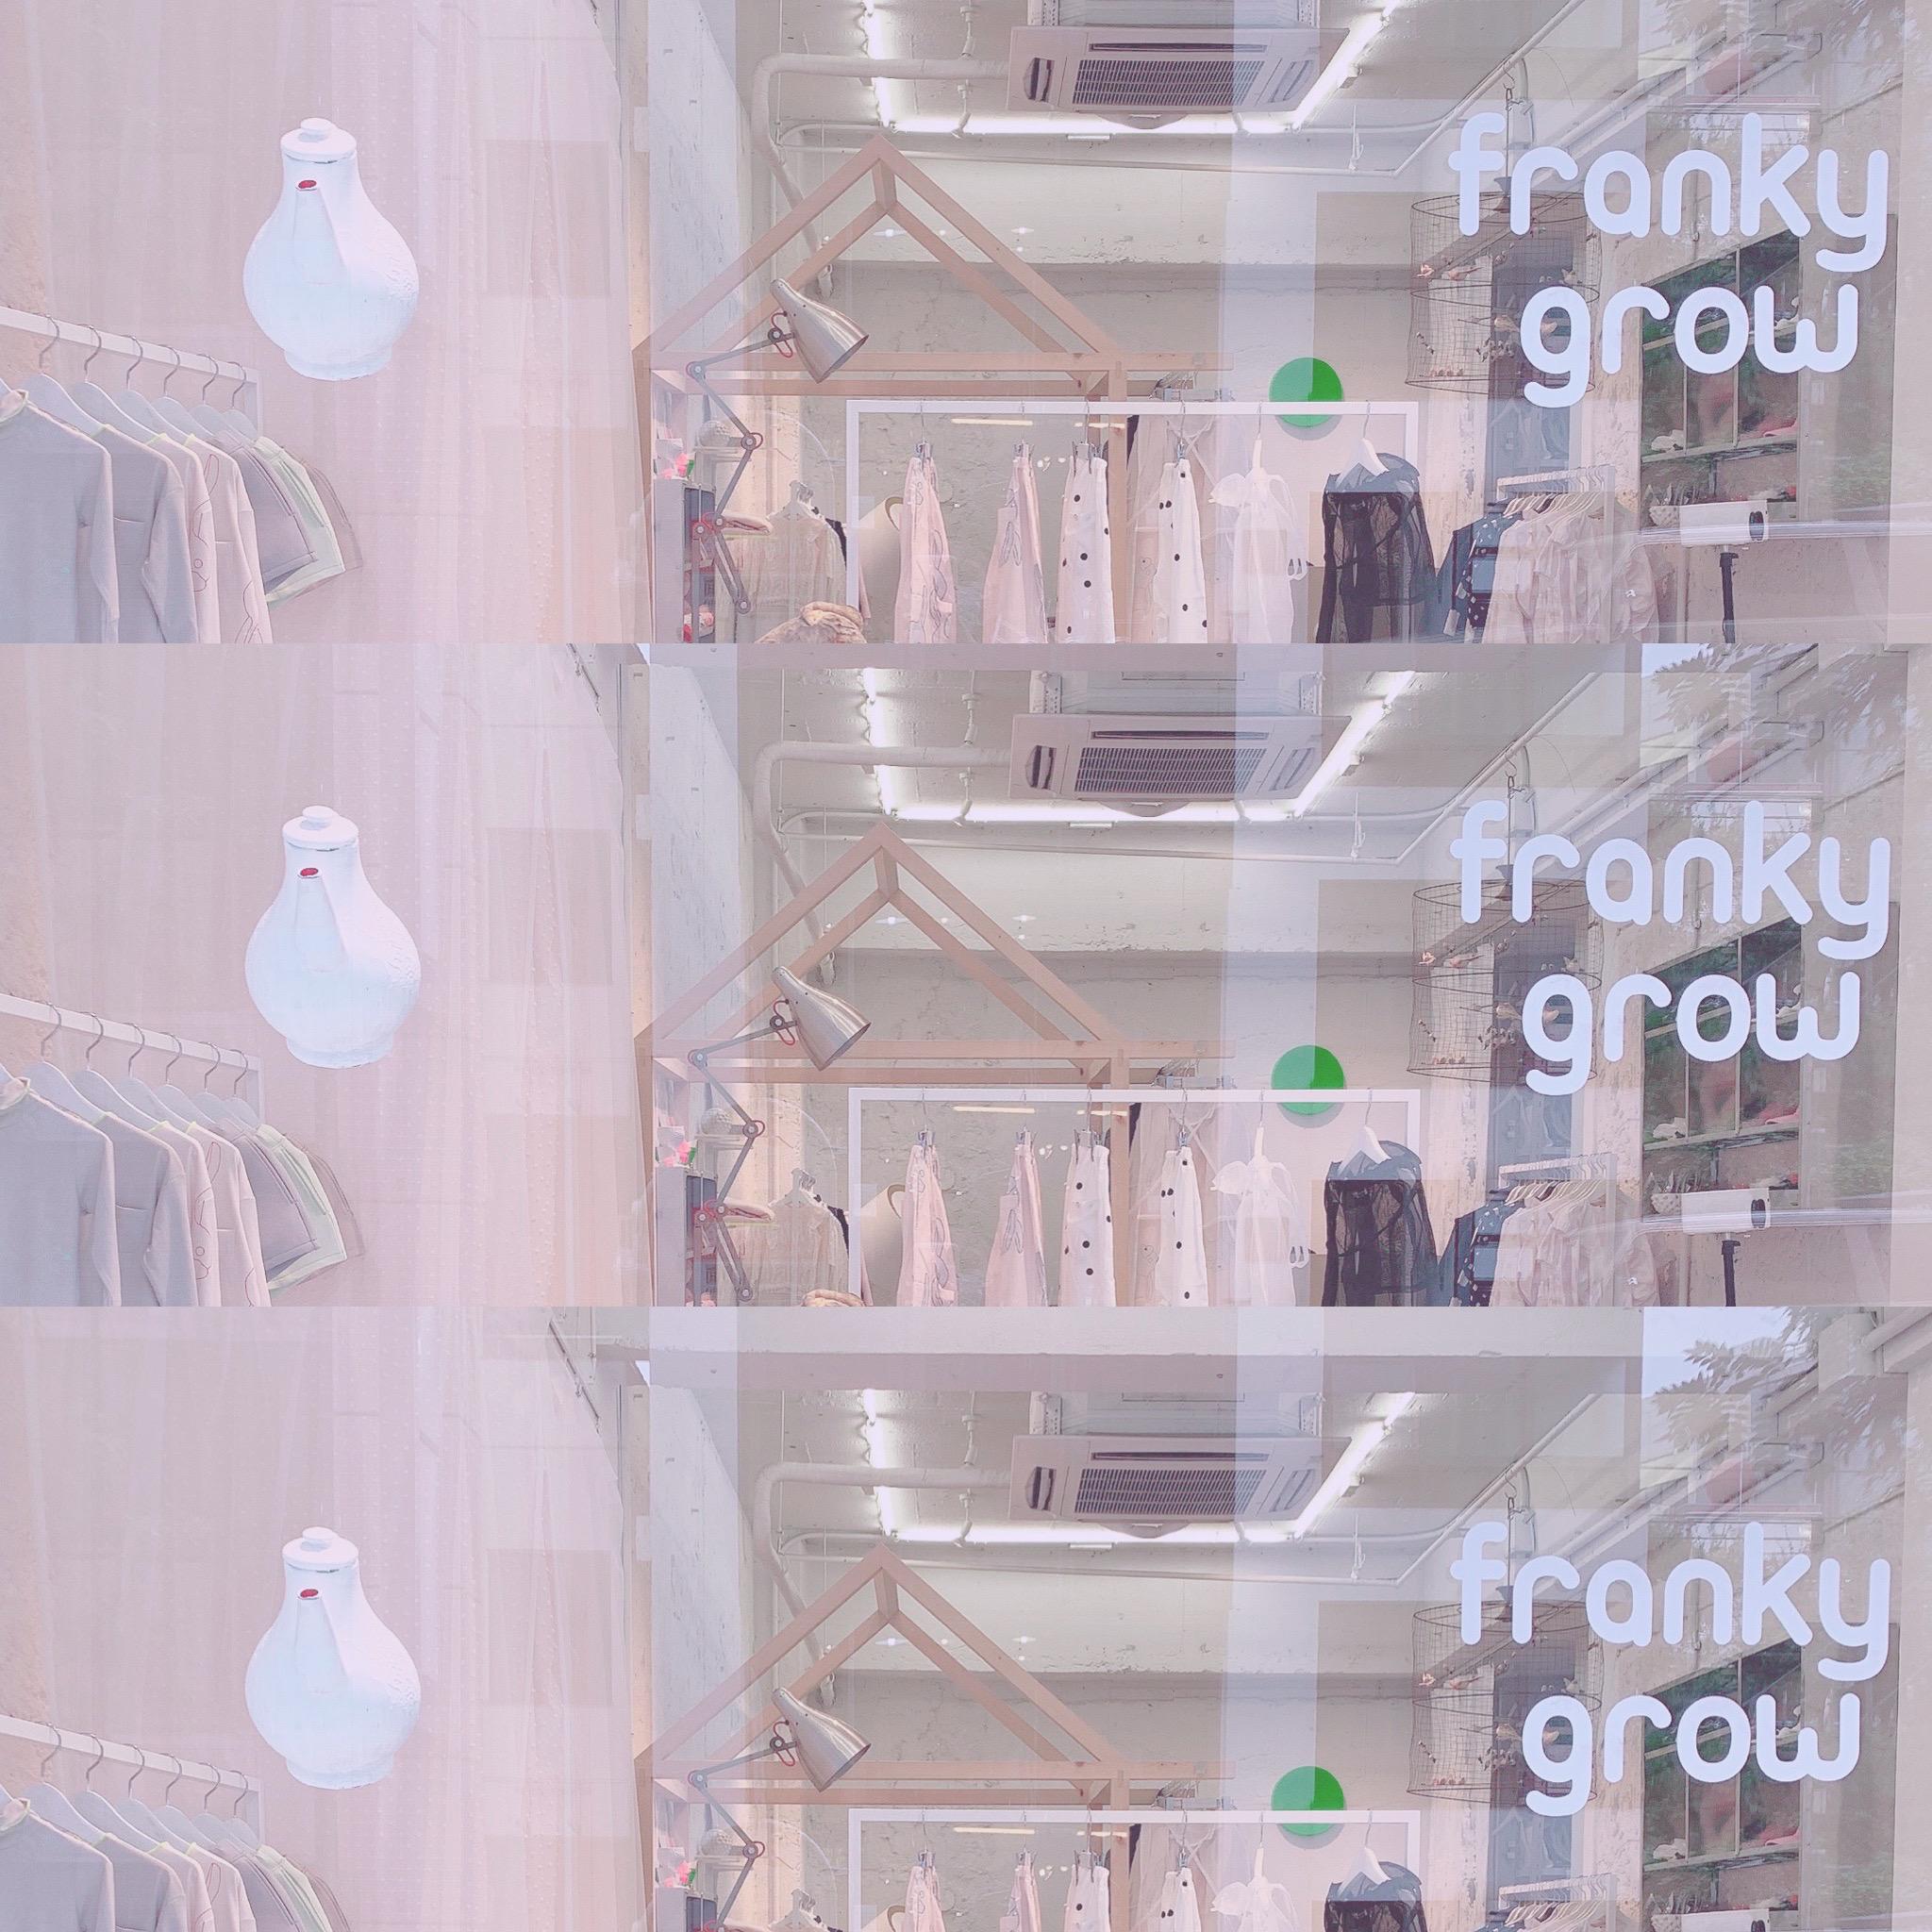 frankygrow concept shop TOKYO 🐰